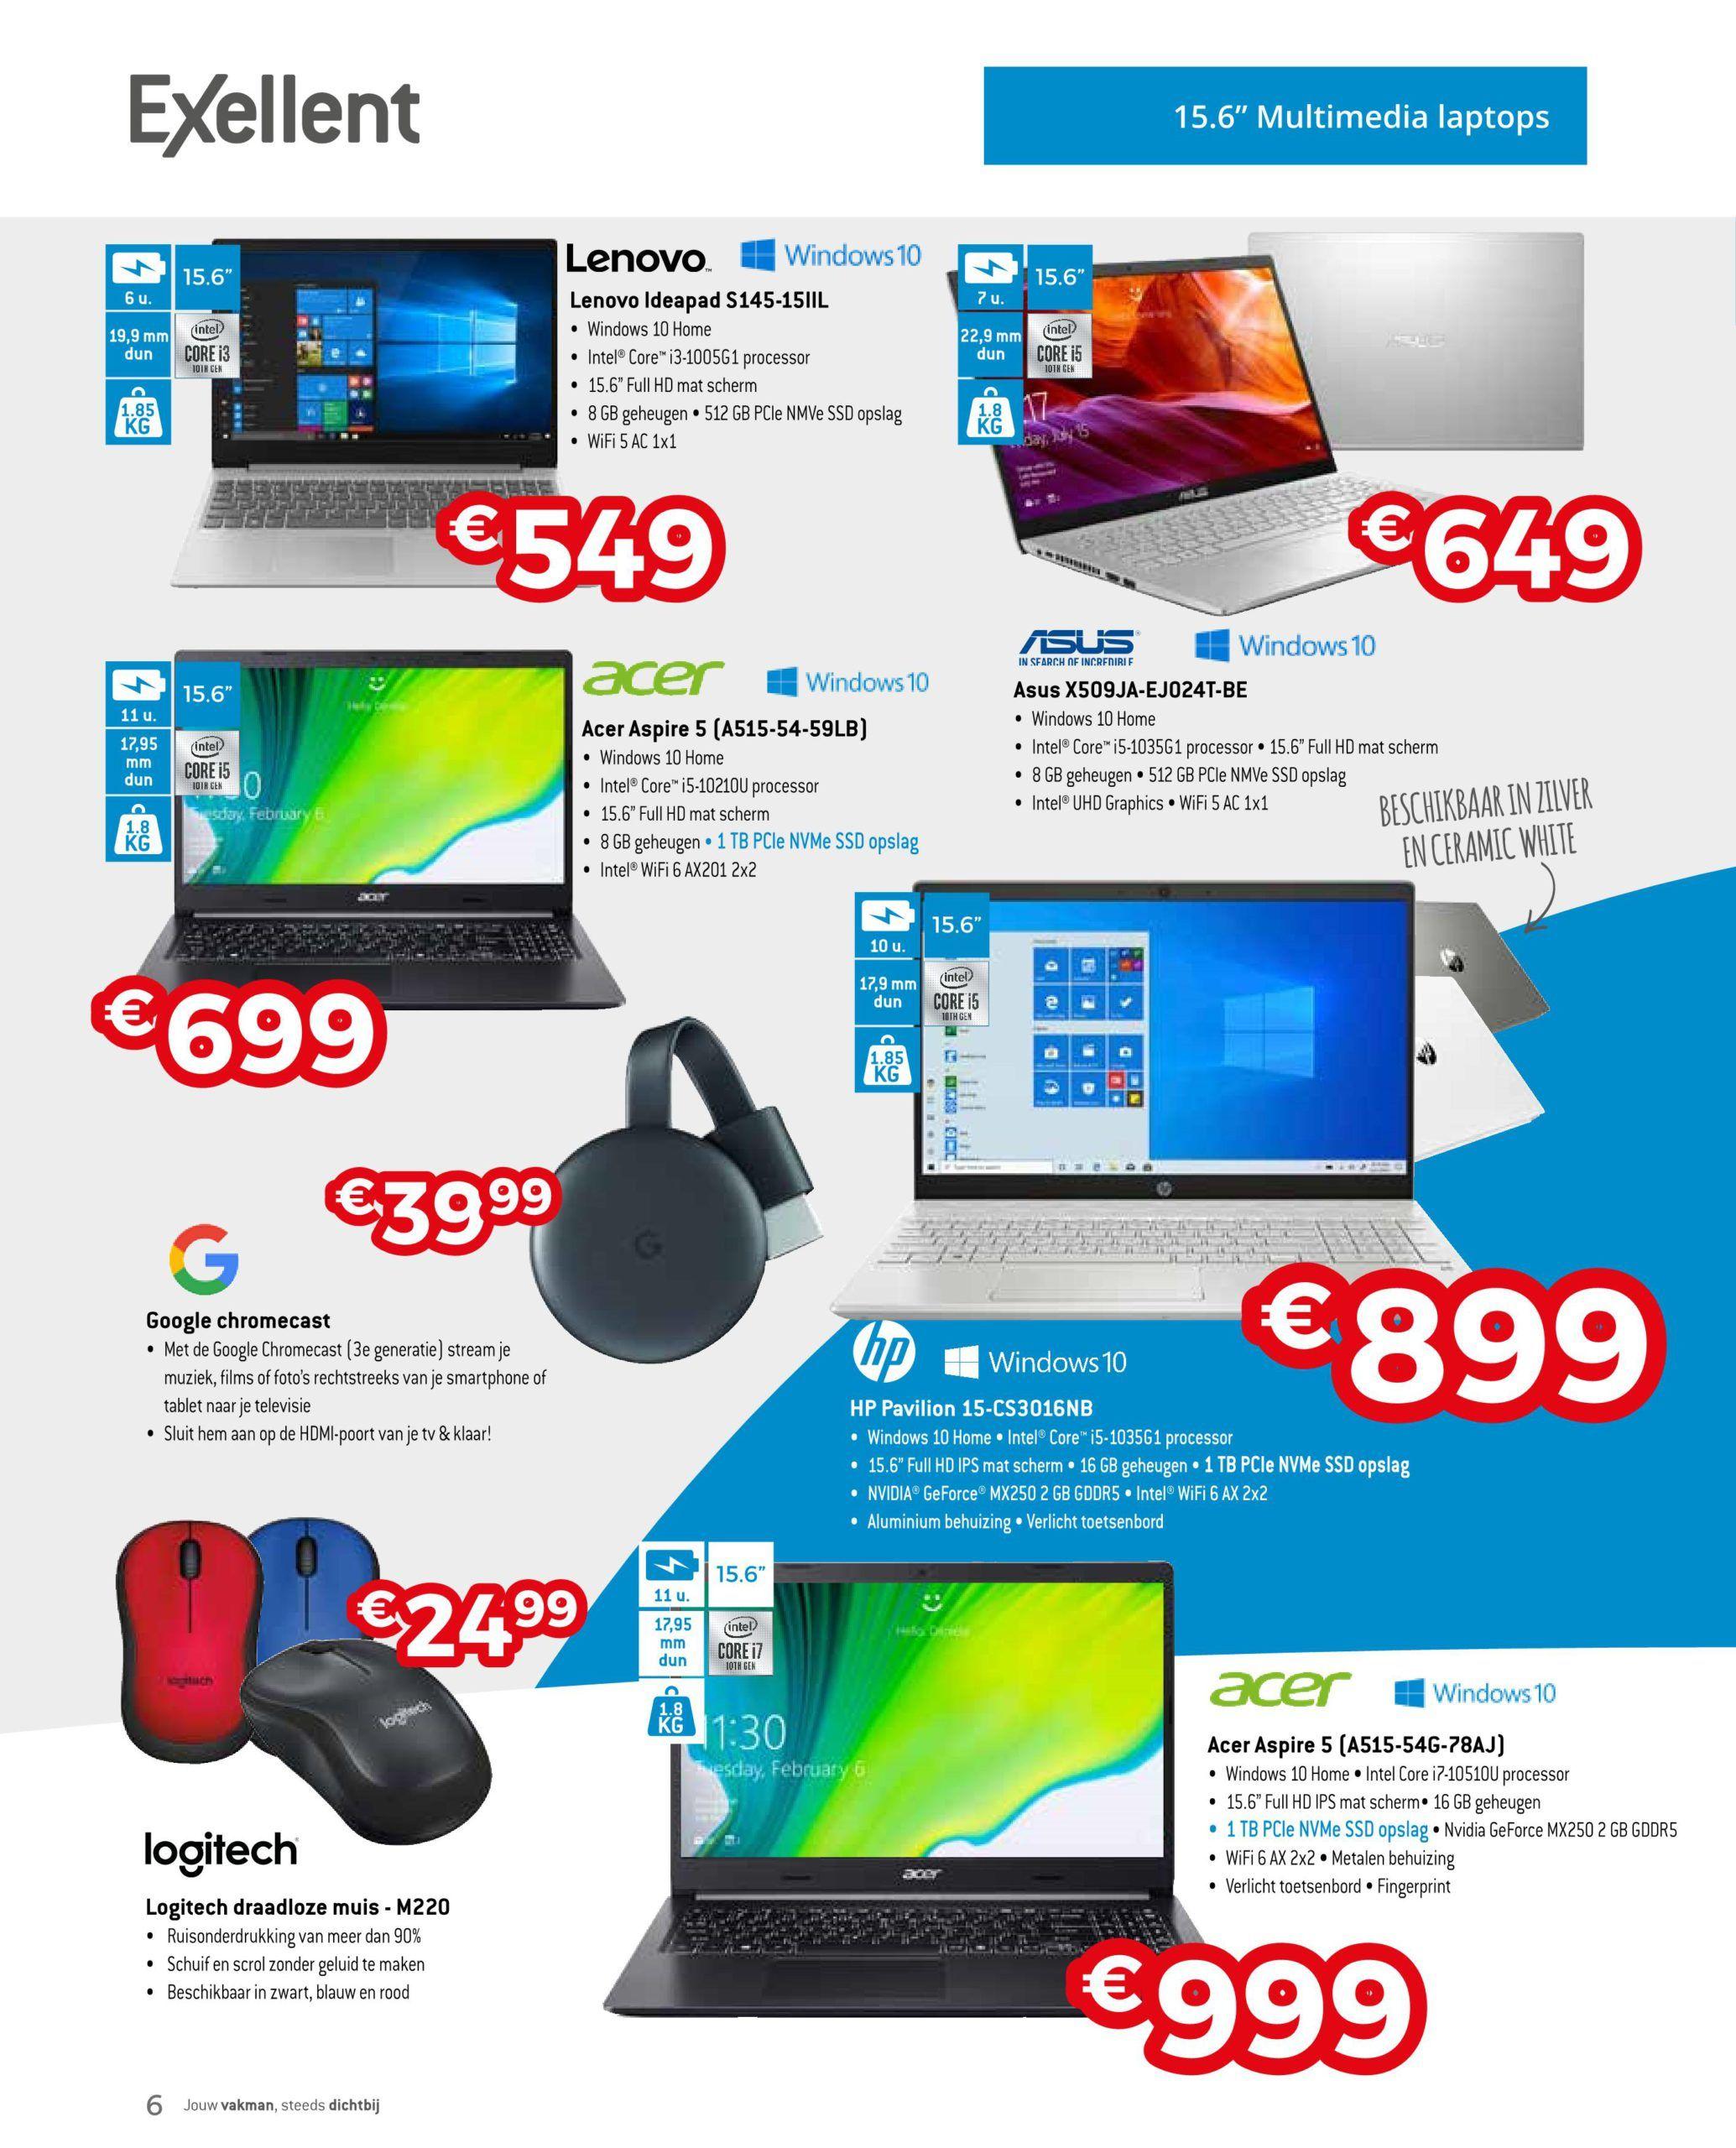 exellent folder marcelis halle computer winkel laptop tablet online bestellen corona